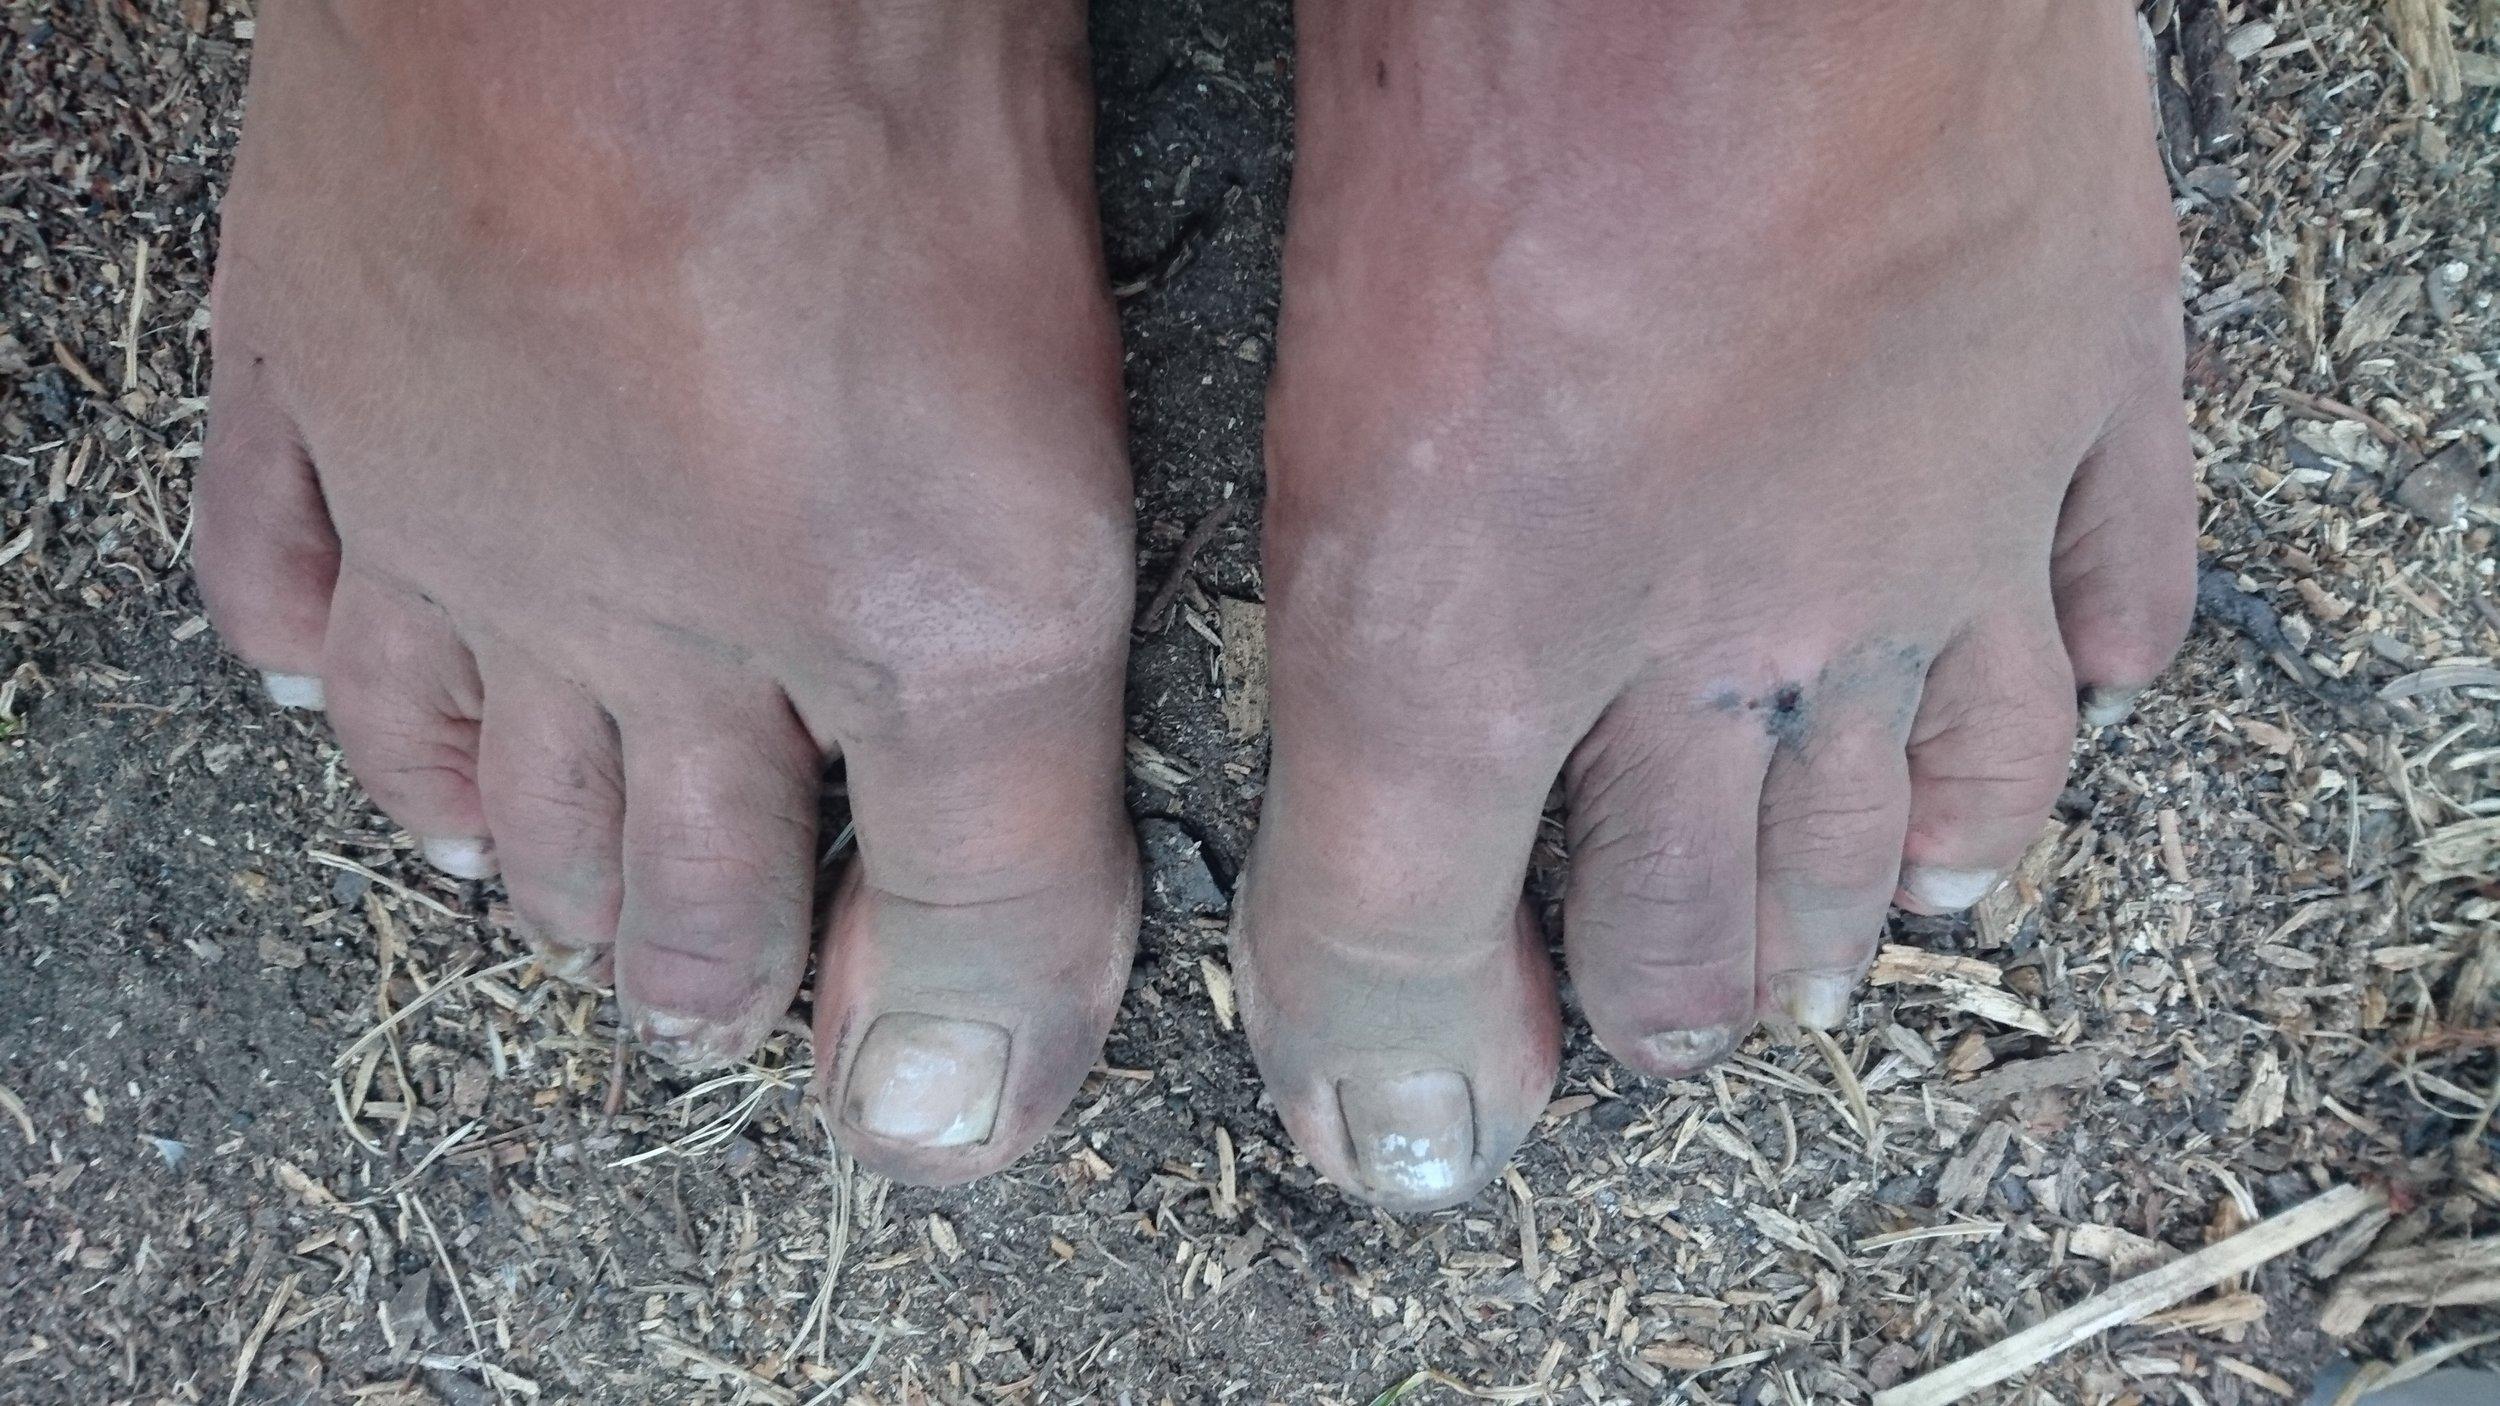 Feet after a long hikingday; kinda grimy..